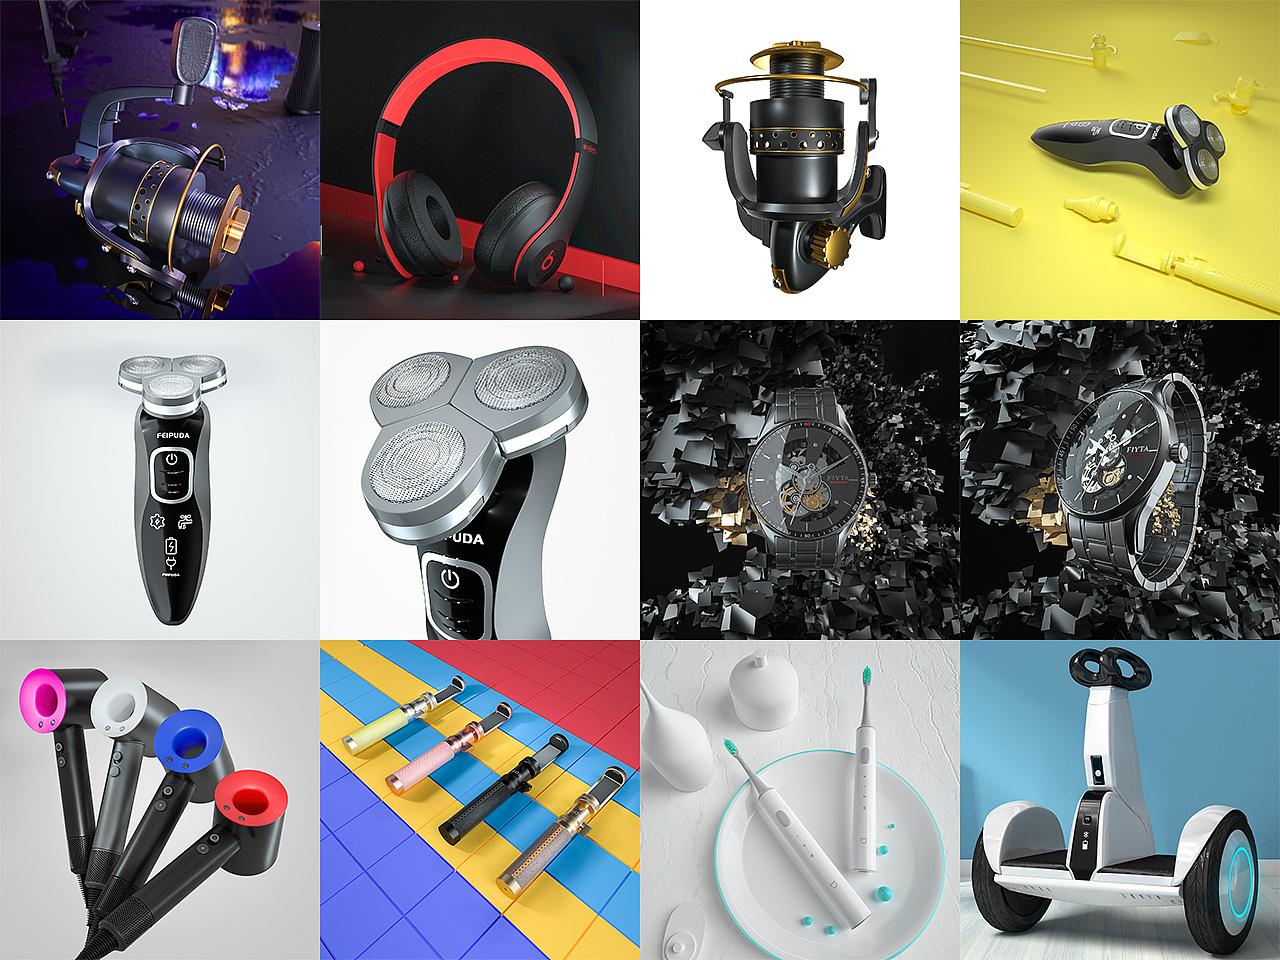 奖杯设计高端原创意大赛造型开模具设计小礼品桌面摆件饰品模型